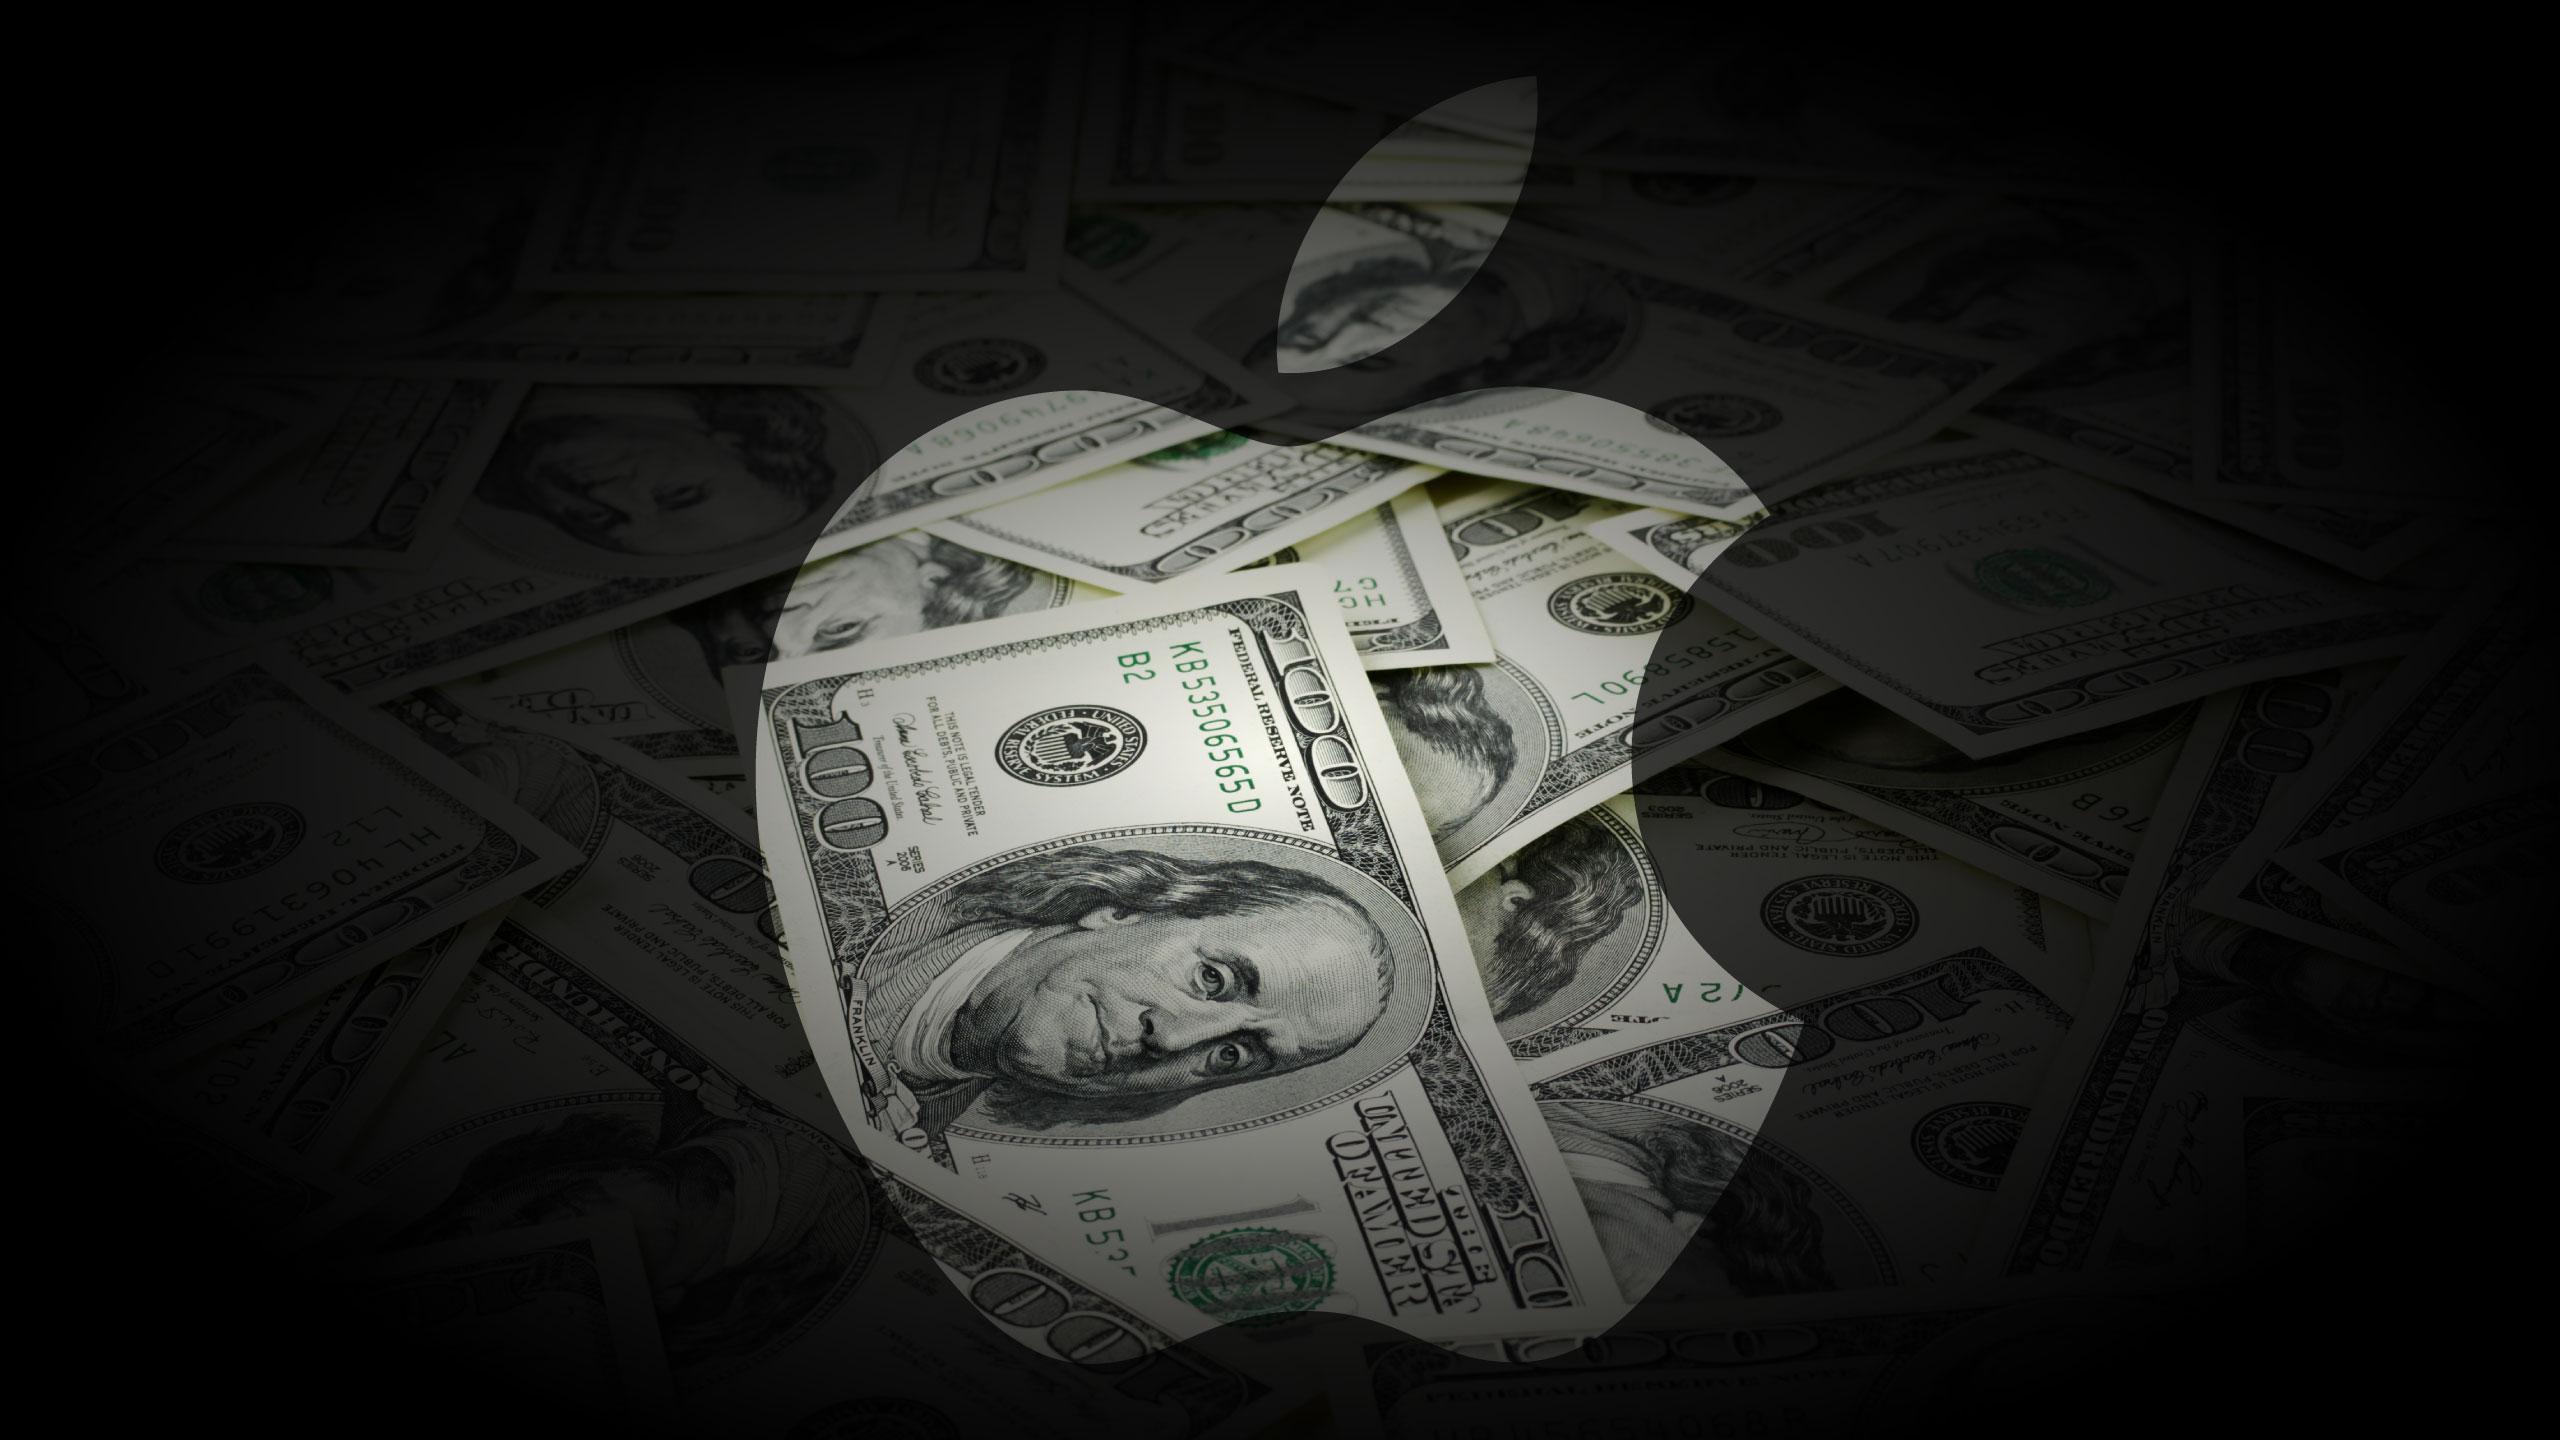 Apple Zenbat igo zituen bere produktuak?